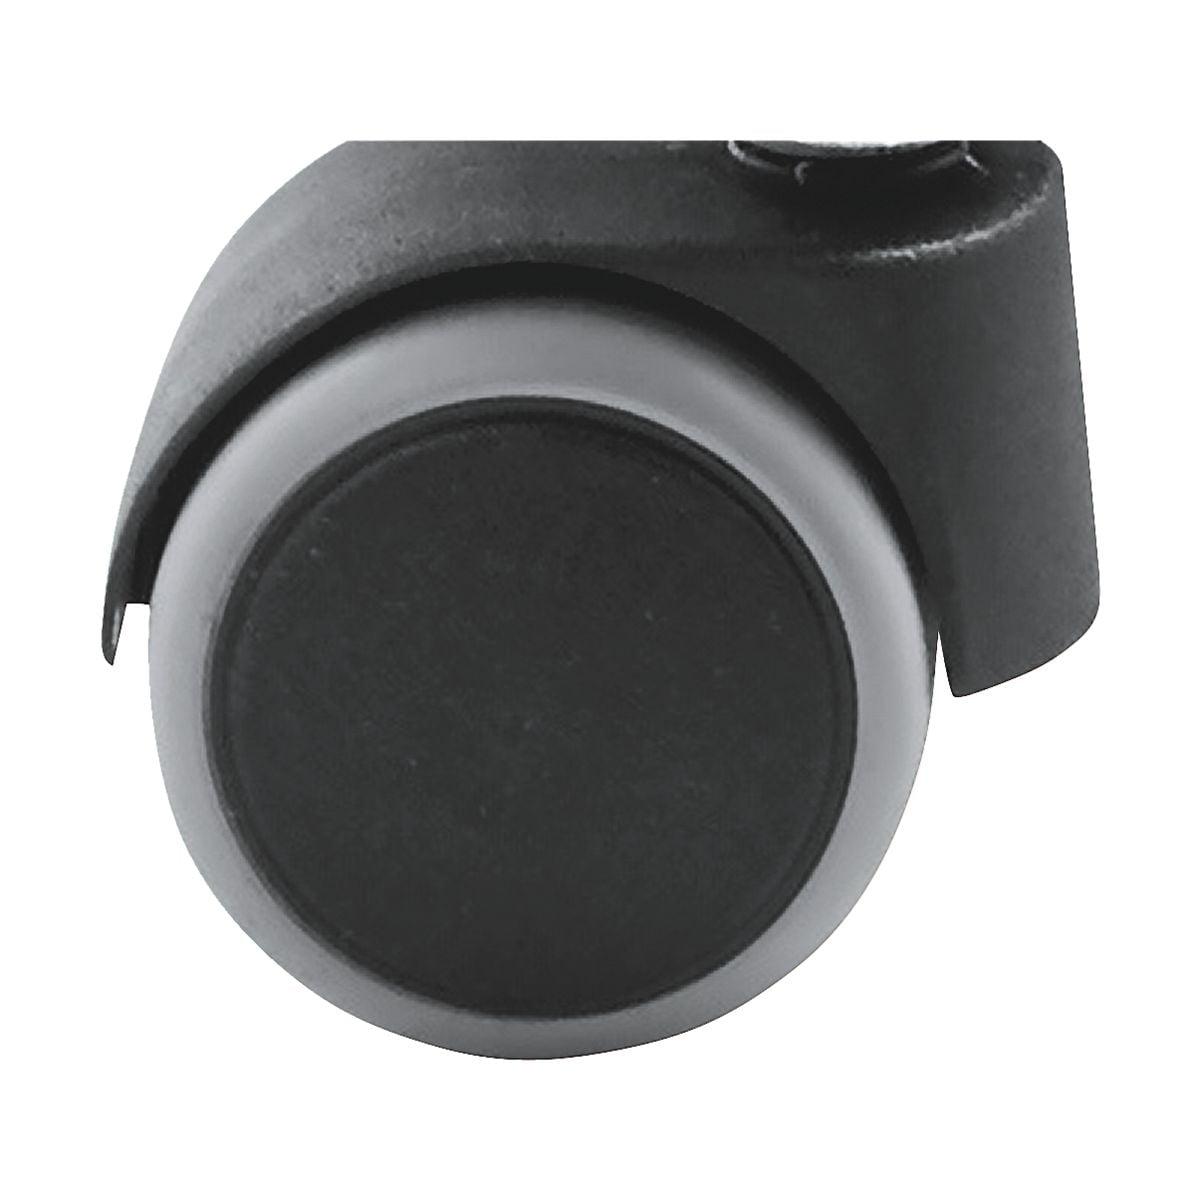 mayer sitzm bel hartboden stuhlrollen 9991s nur f r b rost hle der marke mayer sitzm bel. Black Bedroom Furniture Sets. Home Design Ideas